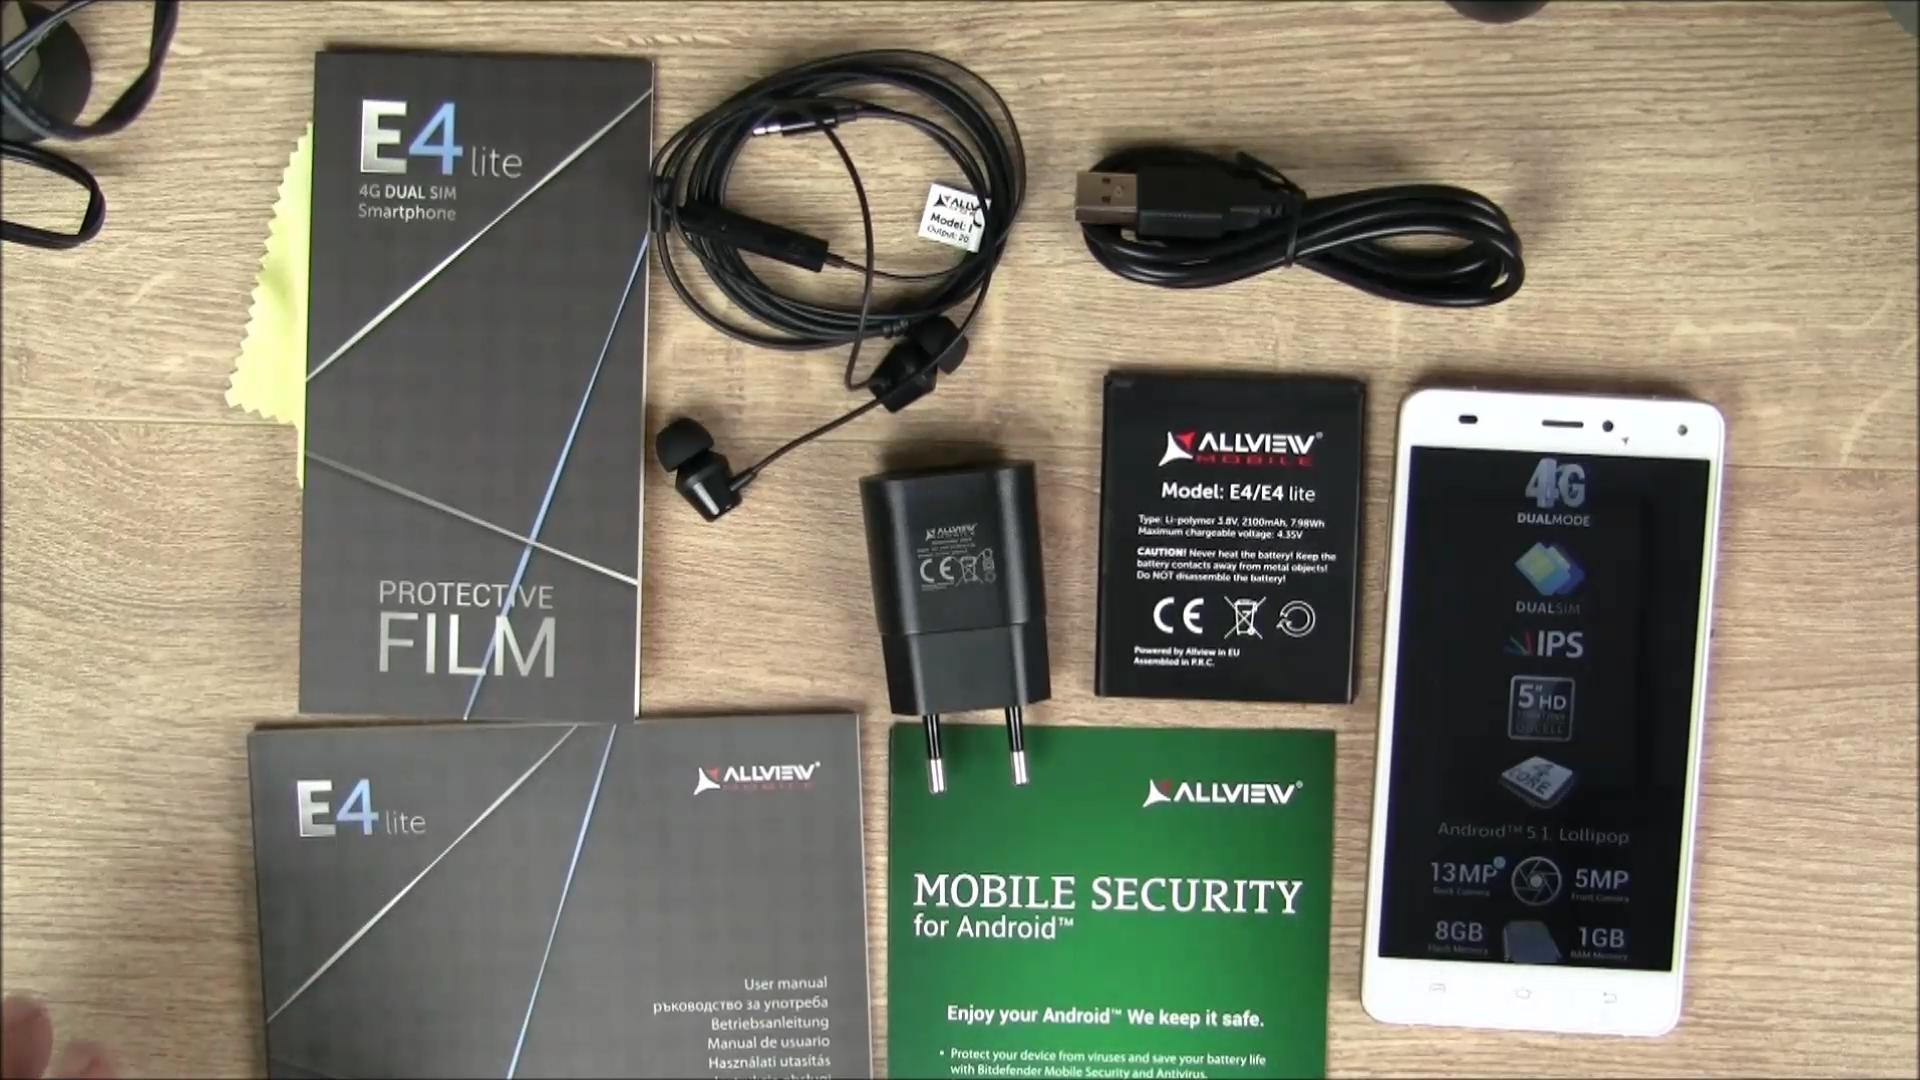 Allview E4 Lite Packungsinhalt